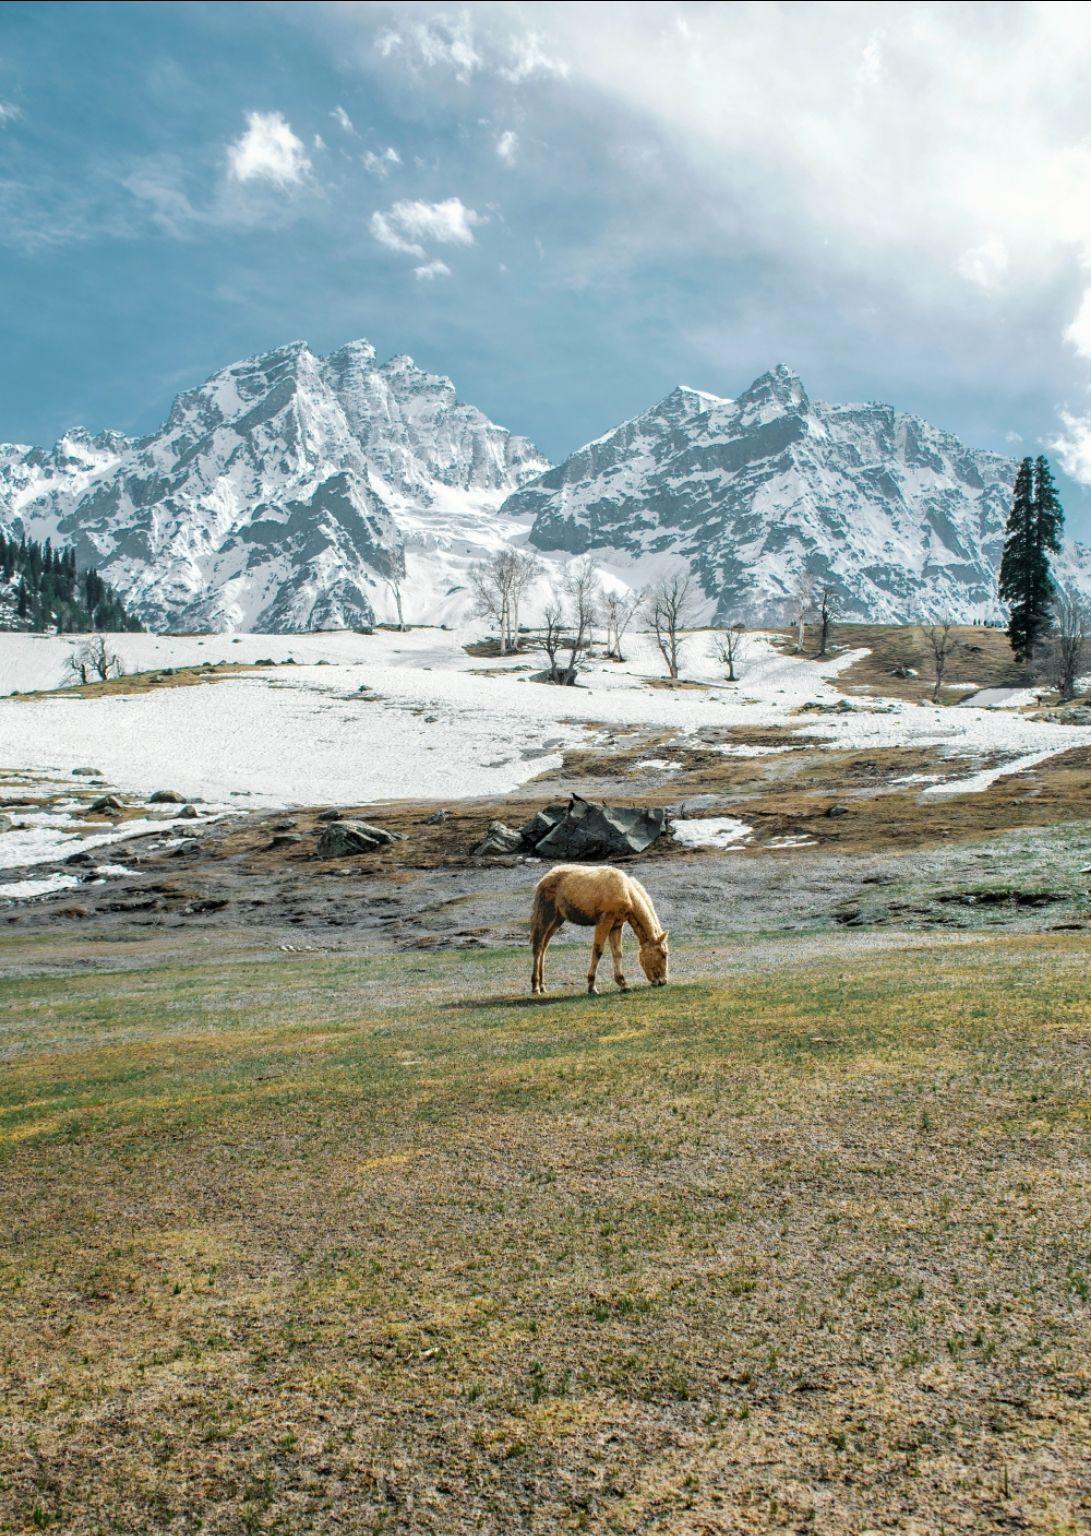 Photo of Thajiwas glacier By Shah Shais